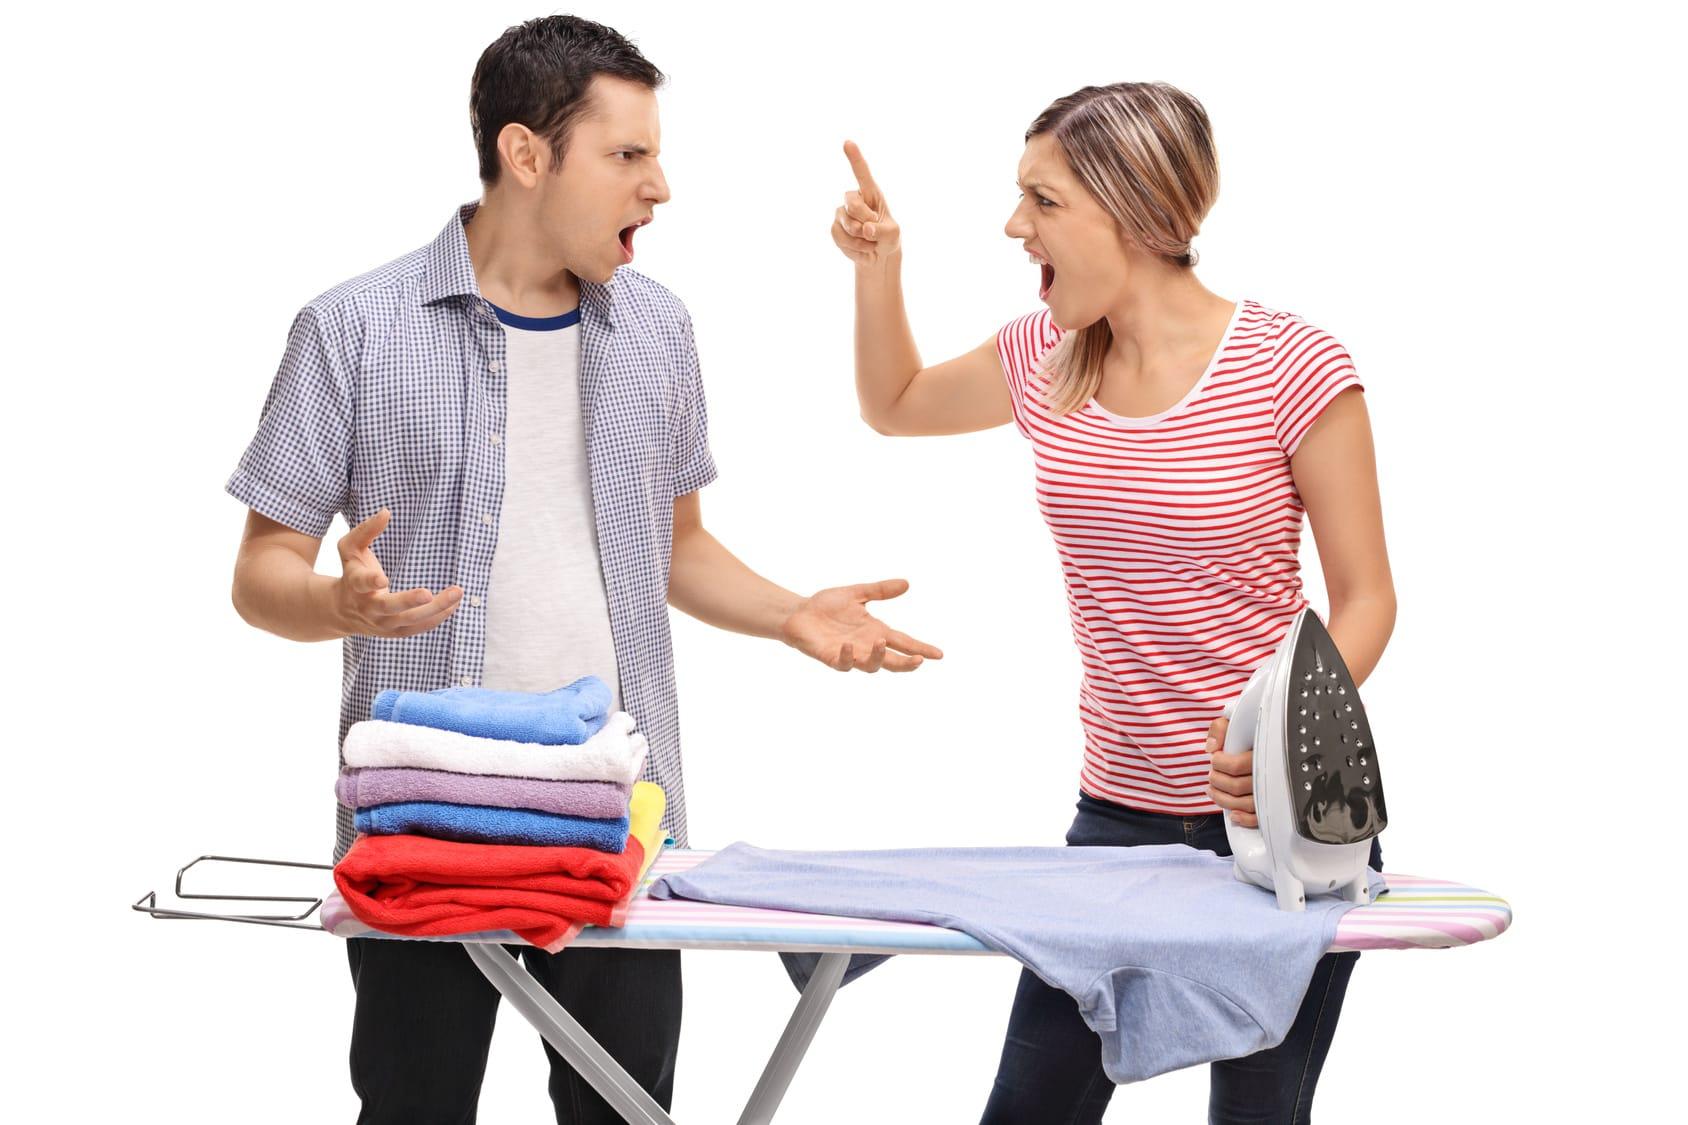 Hausarbeit gerecht teilen – 5 Tipps die Zoff vermeiden